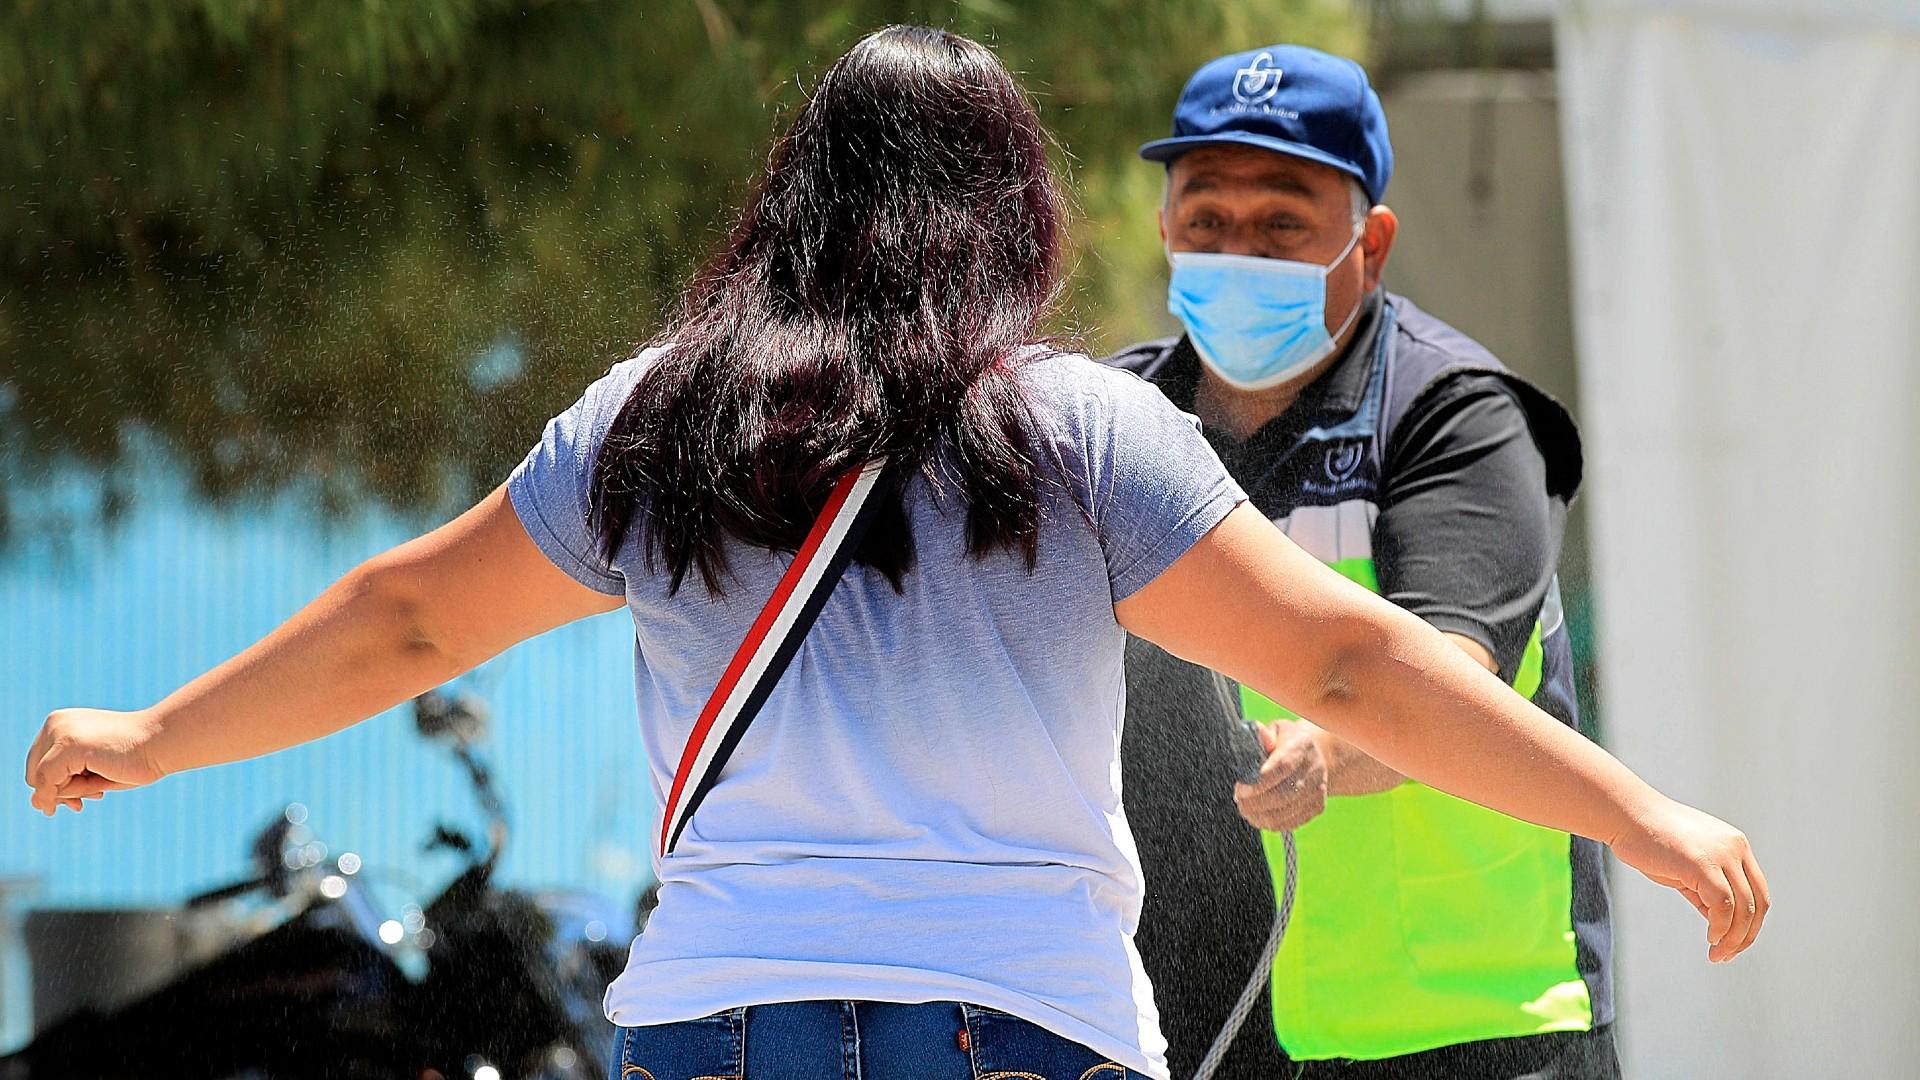 Tercera ola de COVID-19 en México podría iniciar en Baja California Sur